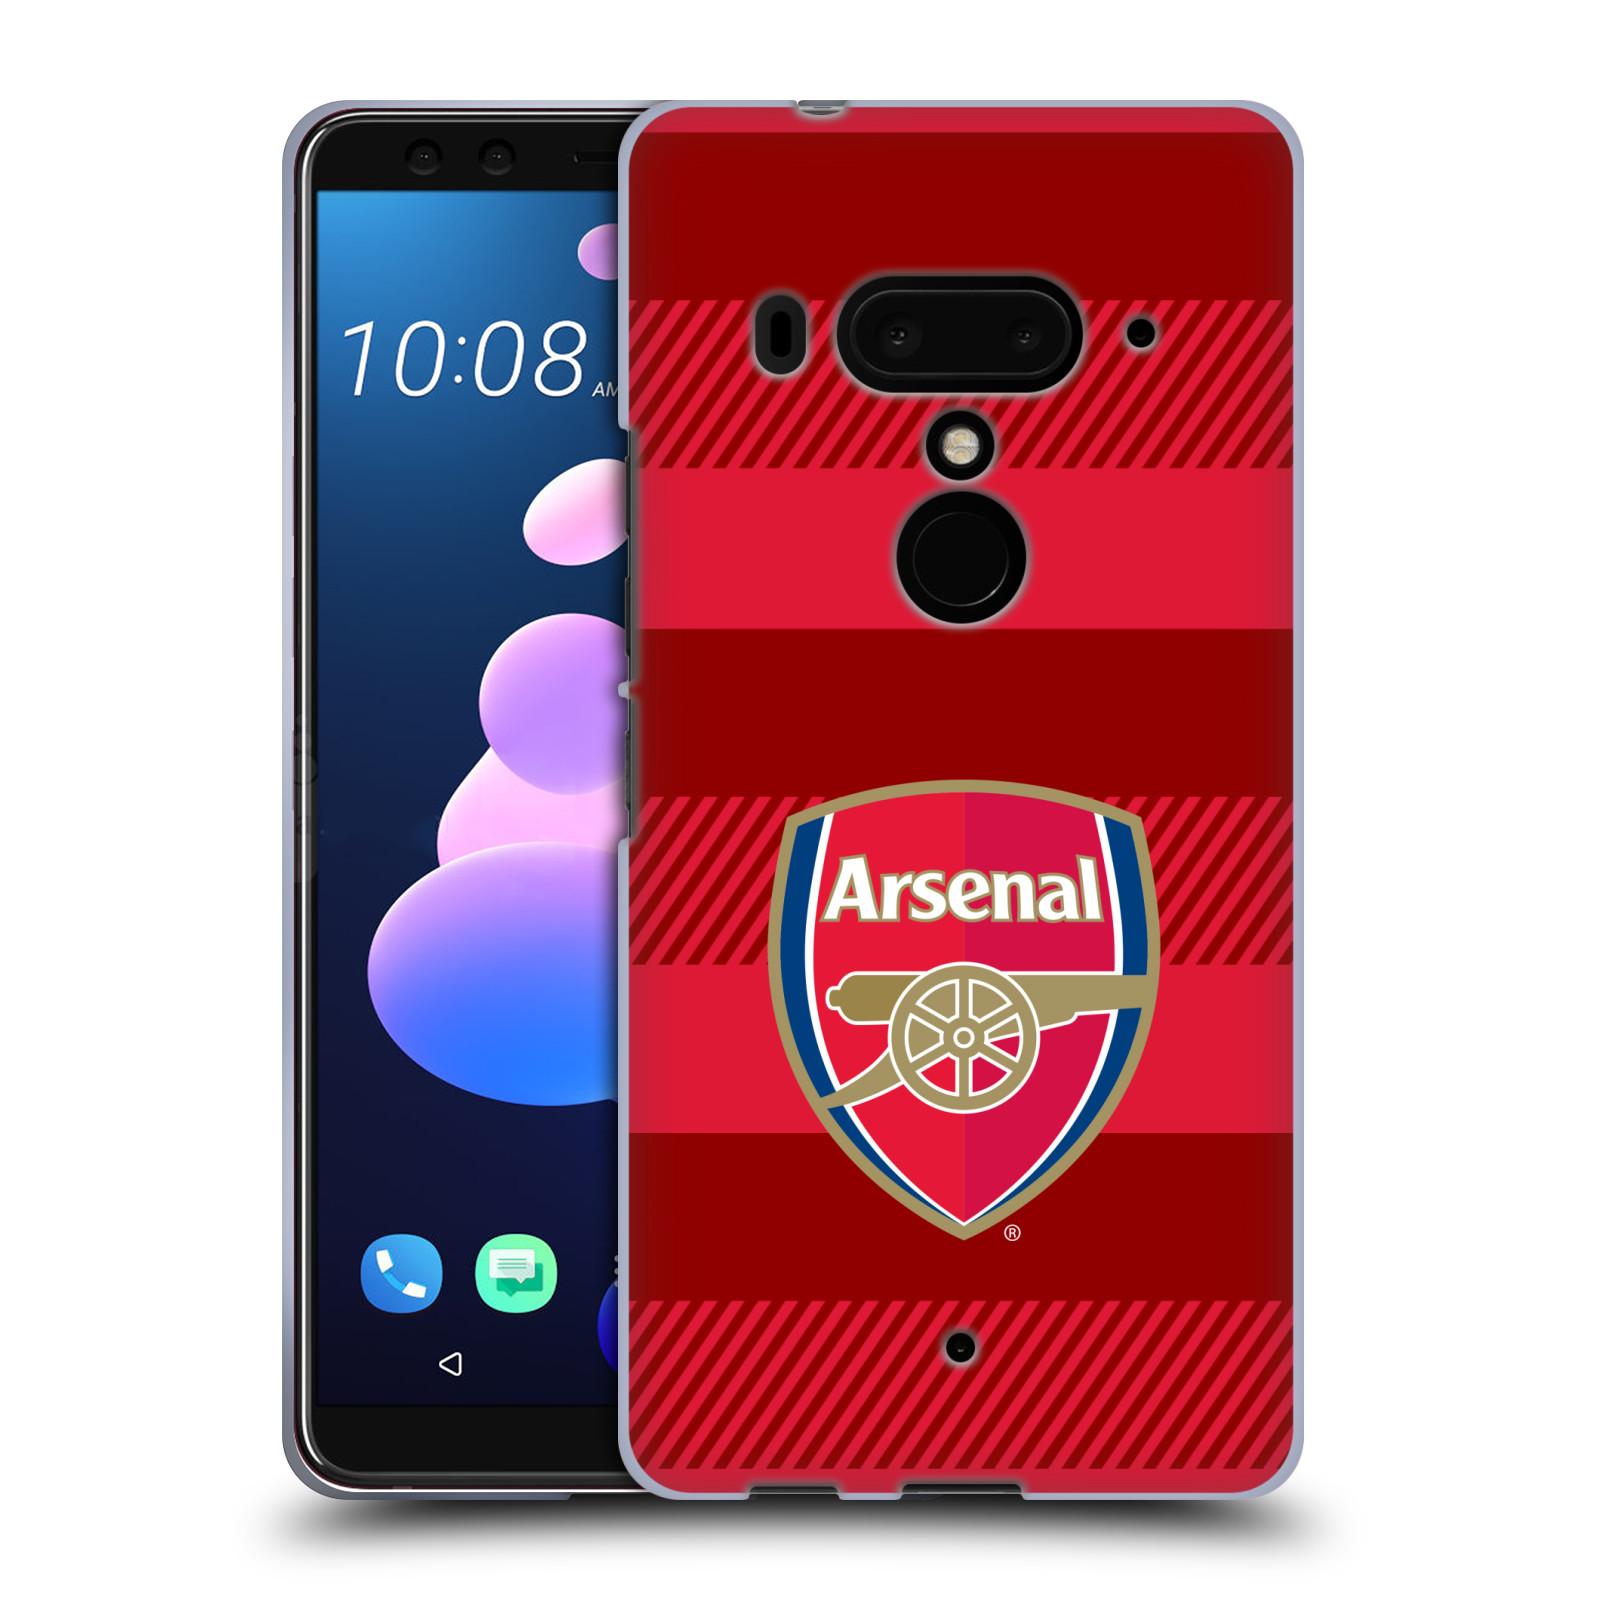 Silikonové pouzdro na mobil HTC U12 Plus - Head Case - Arsenal FC - Logo s pruhy